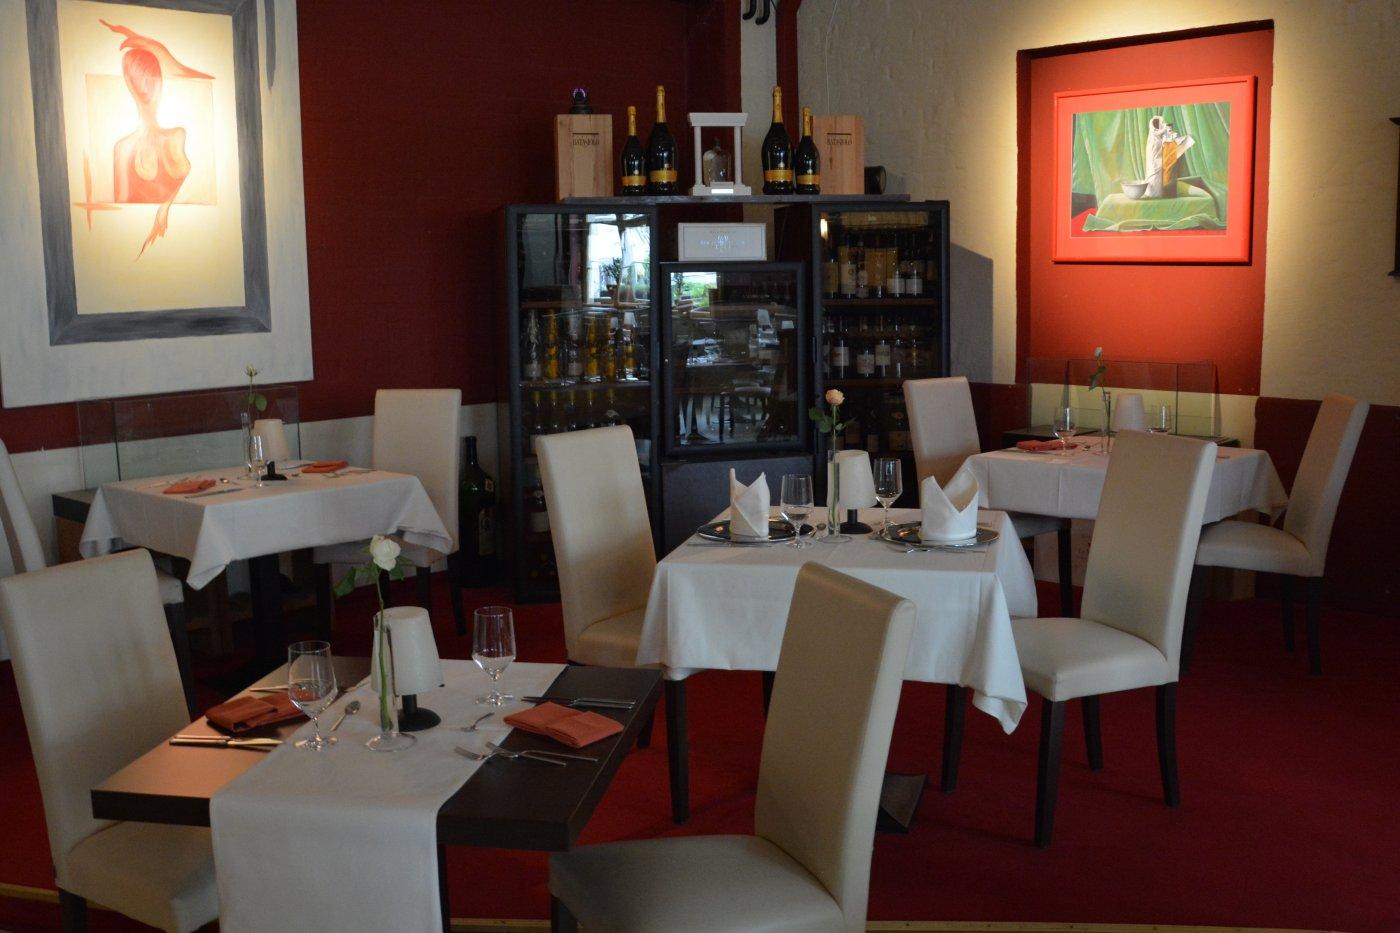 Restaurant Malathounis Raffinierte kulinarischgriechische Moderne  Ragwitz Kulinarische